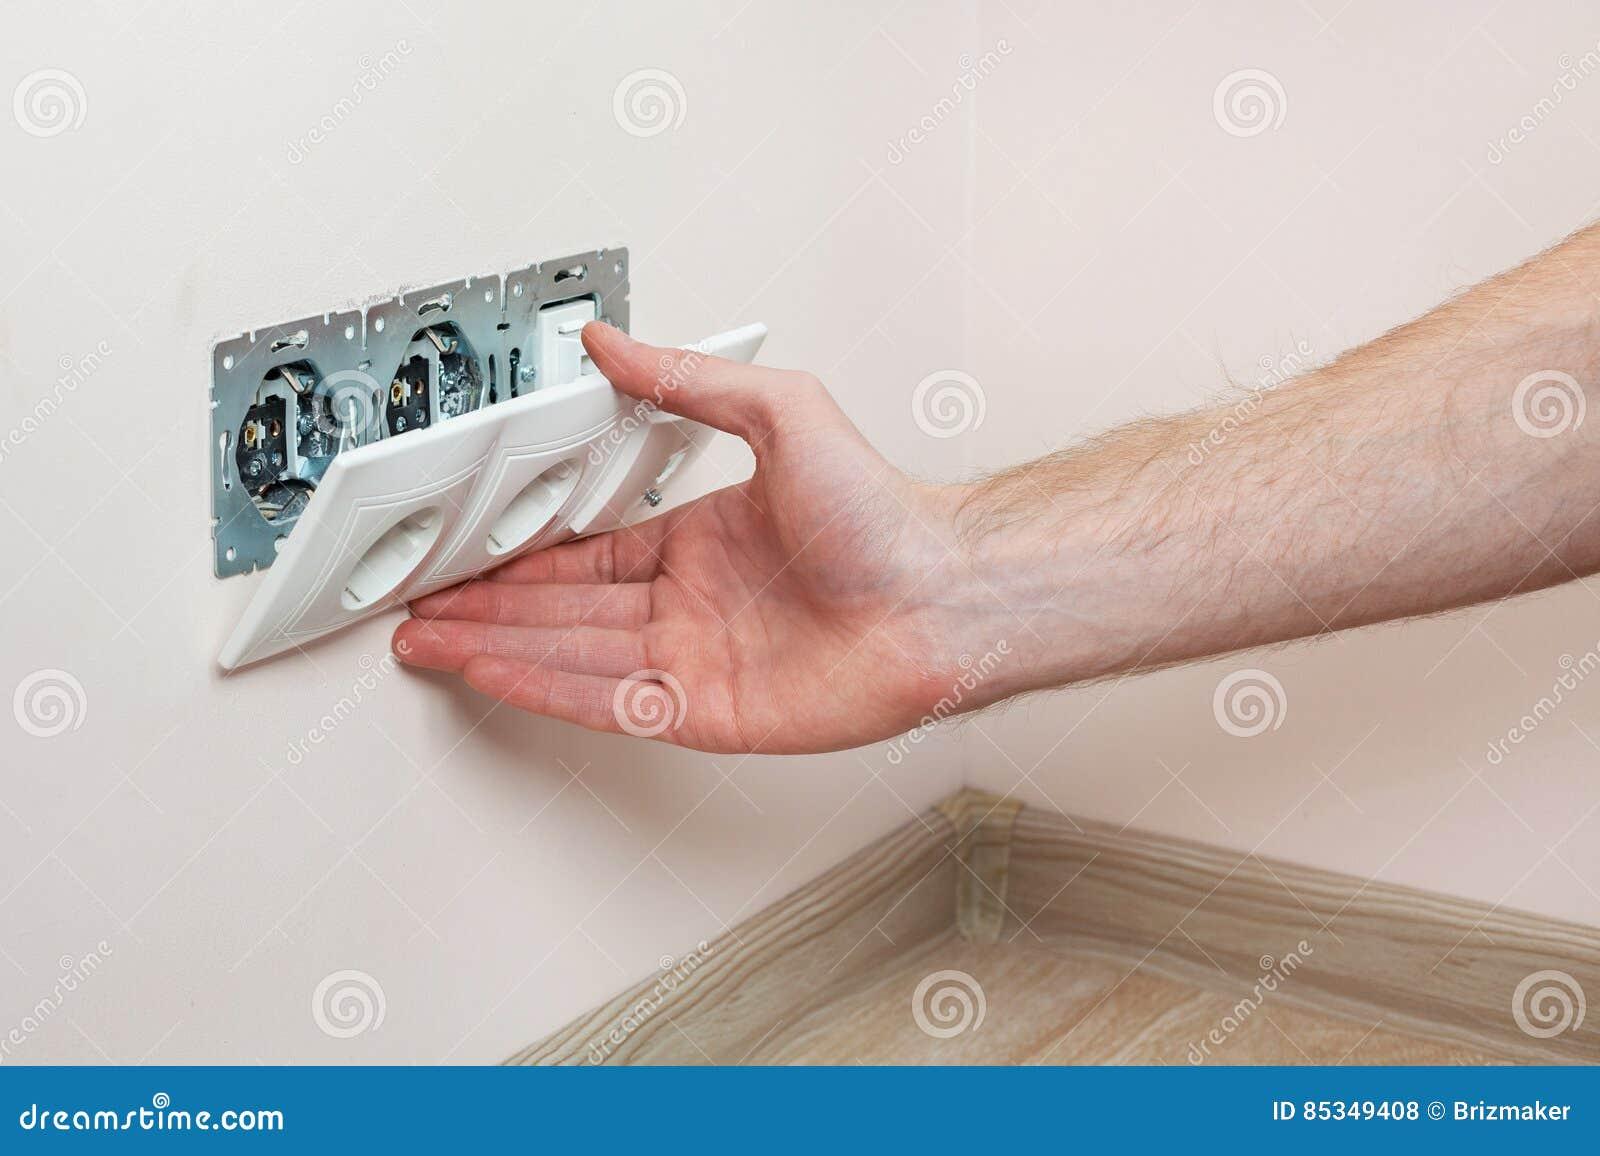 安装墙壁电源插座的电工的手